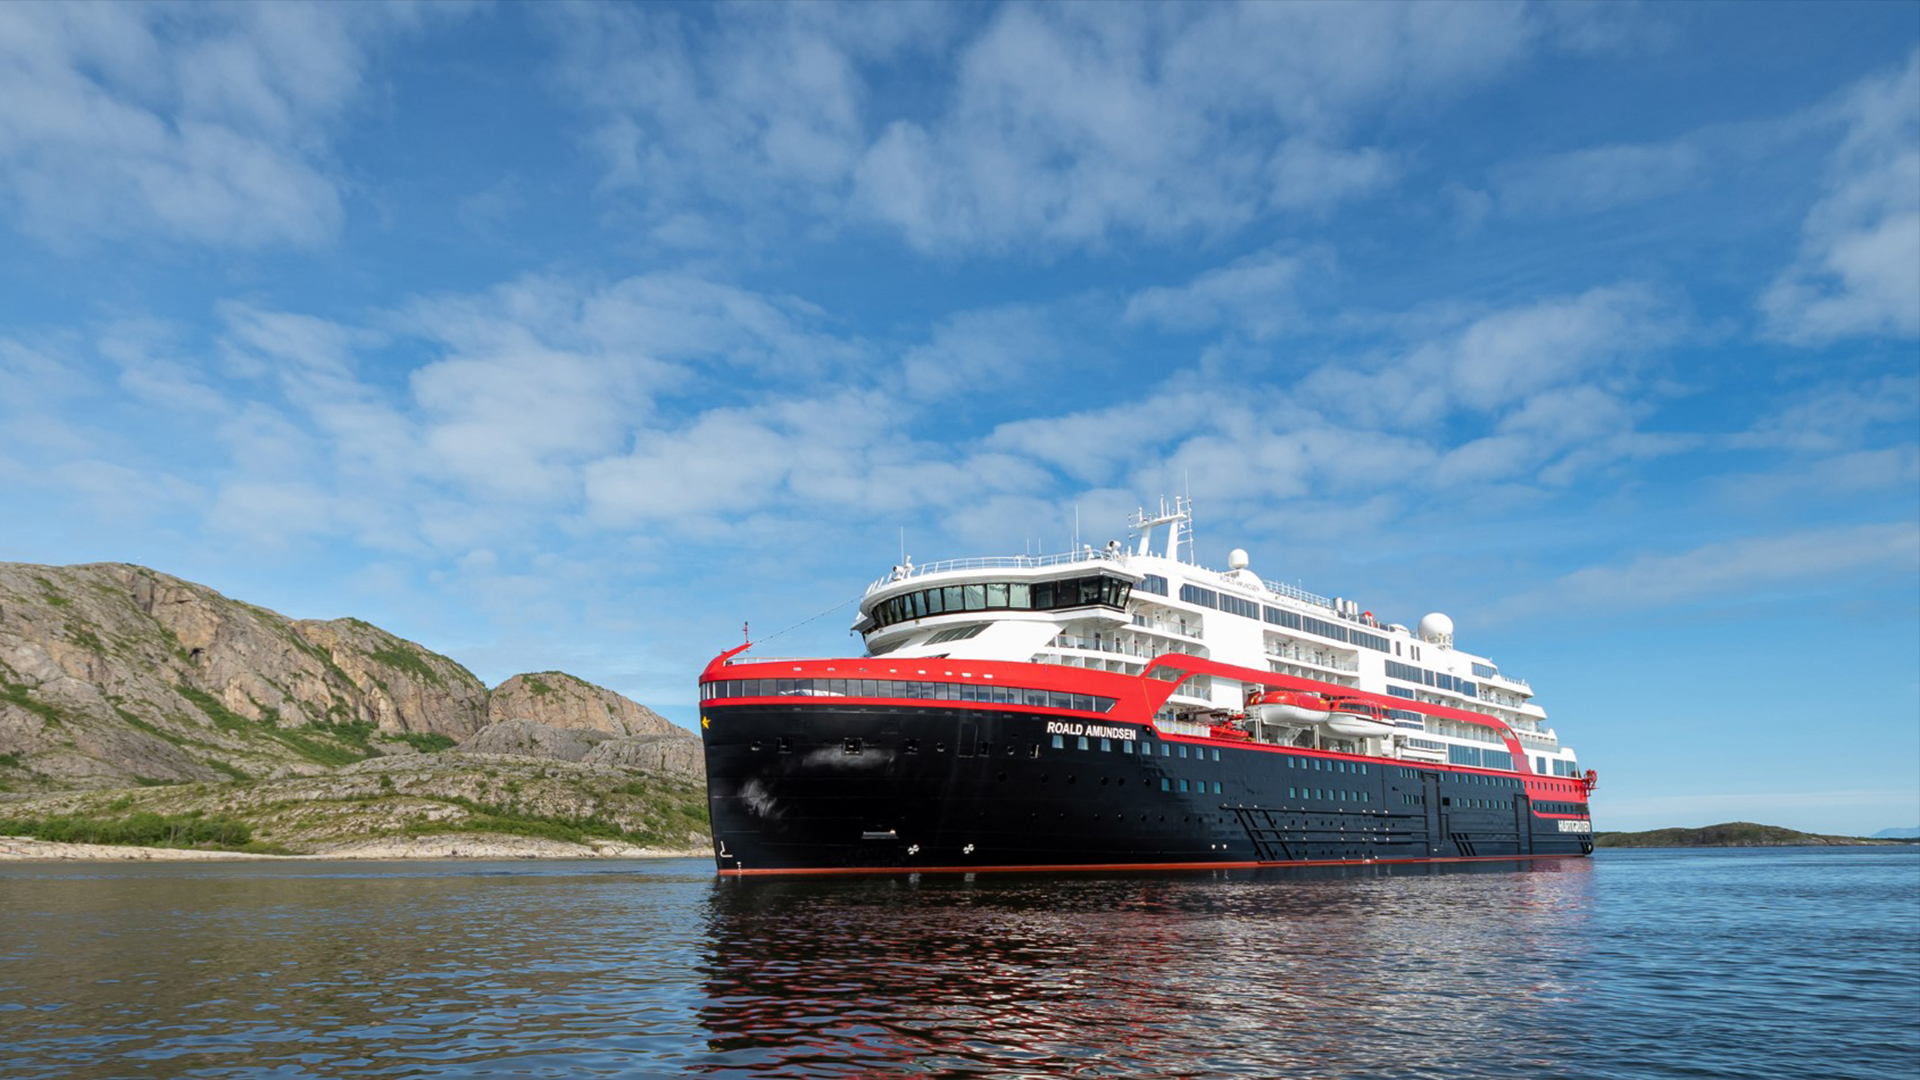 Brote de coronavirus en crucero desata alerta en Noruega